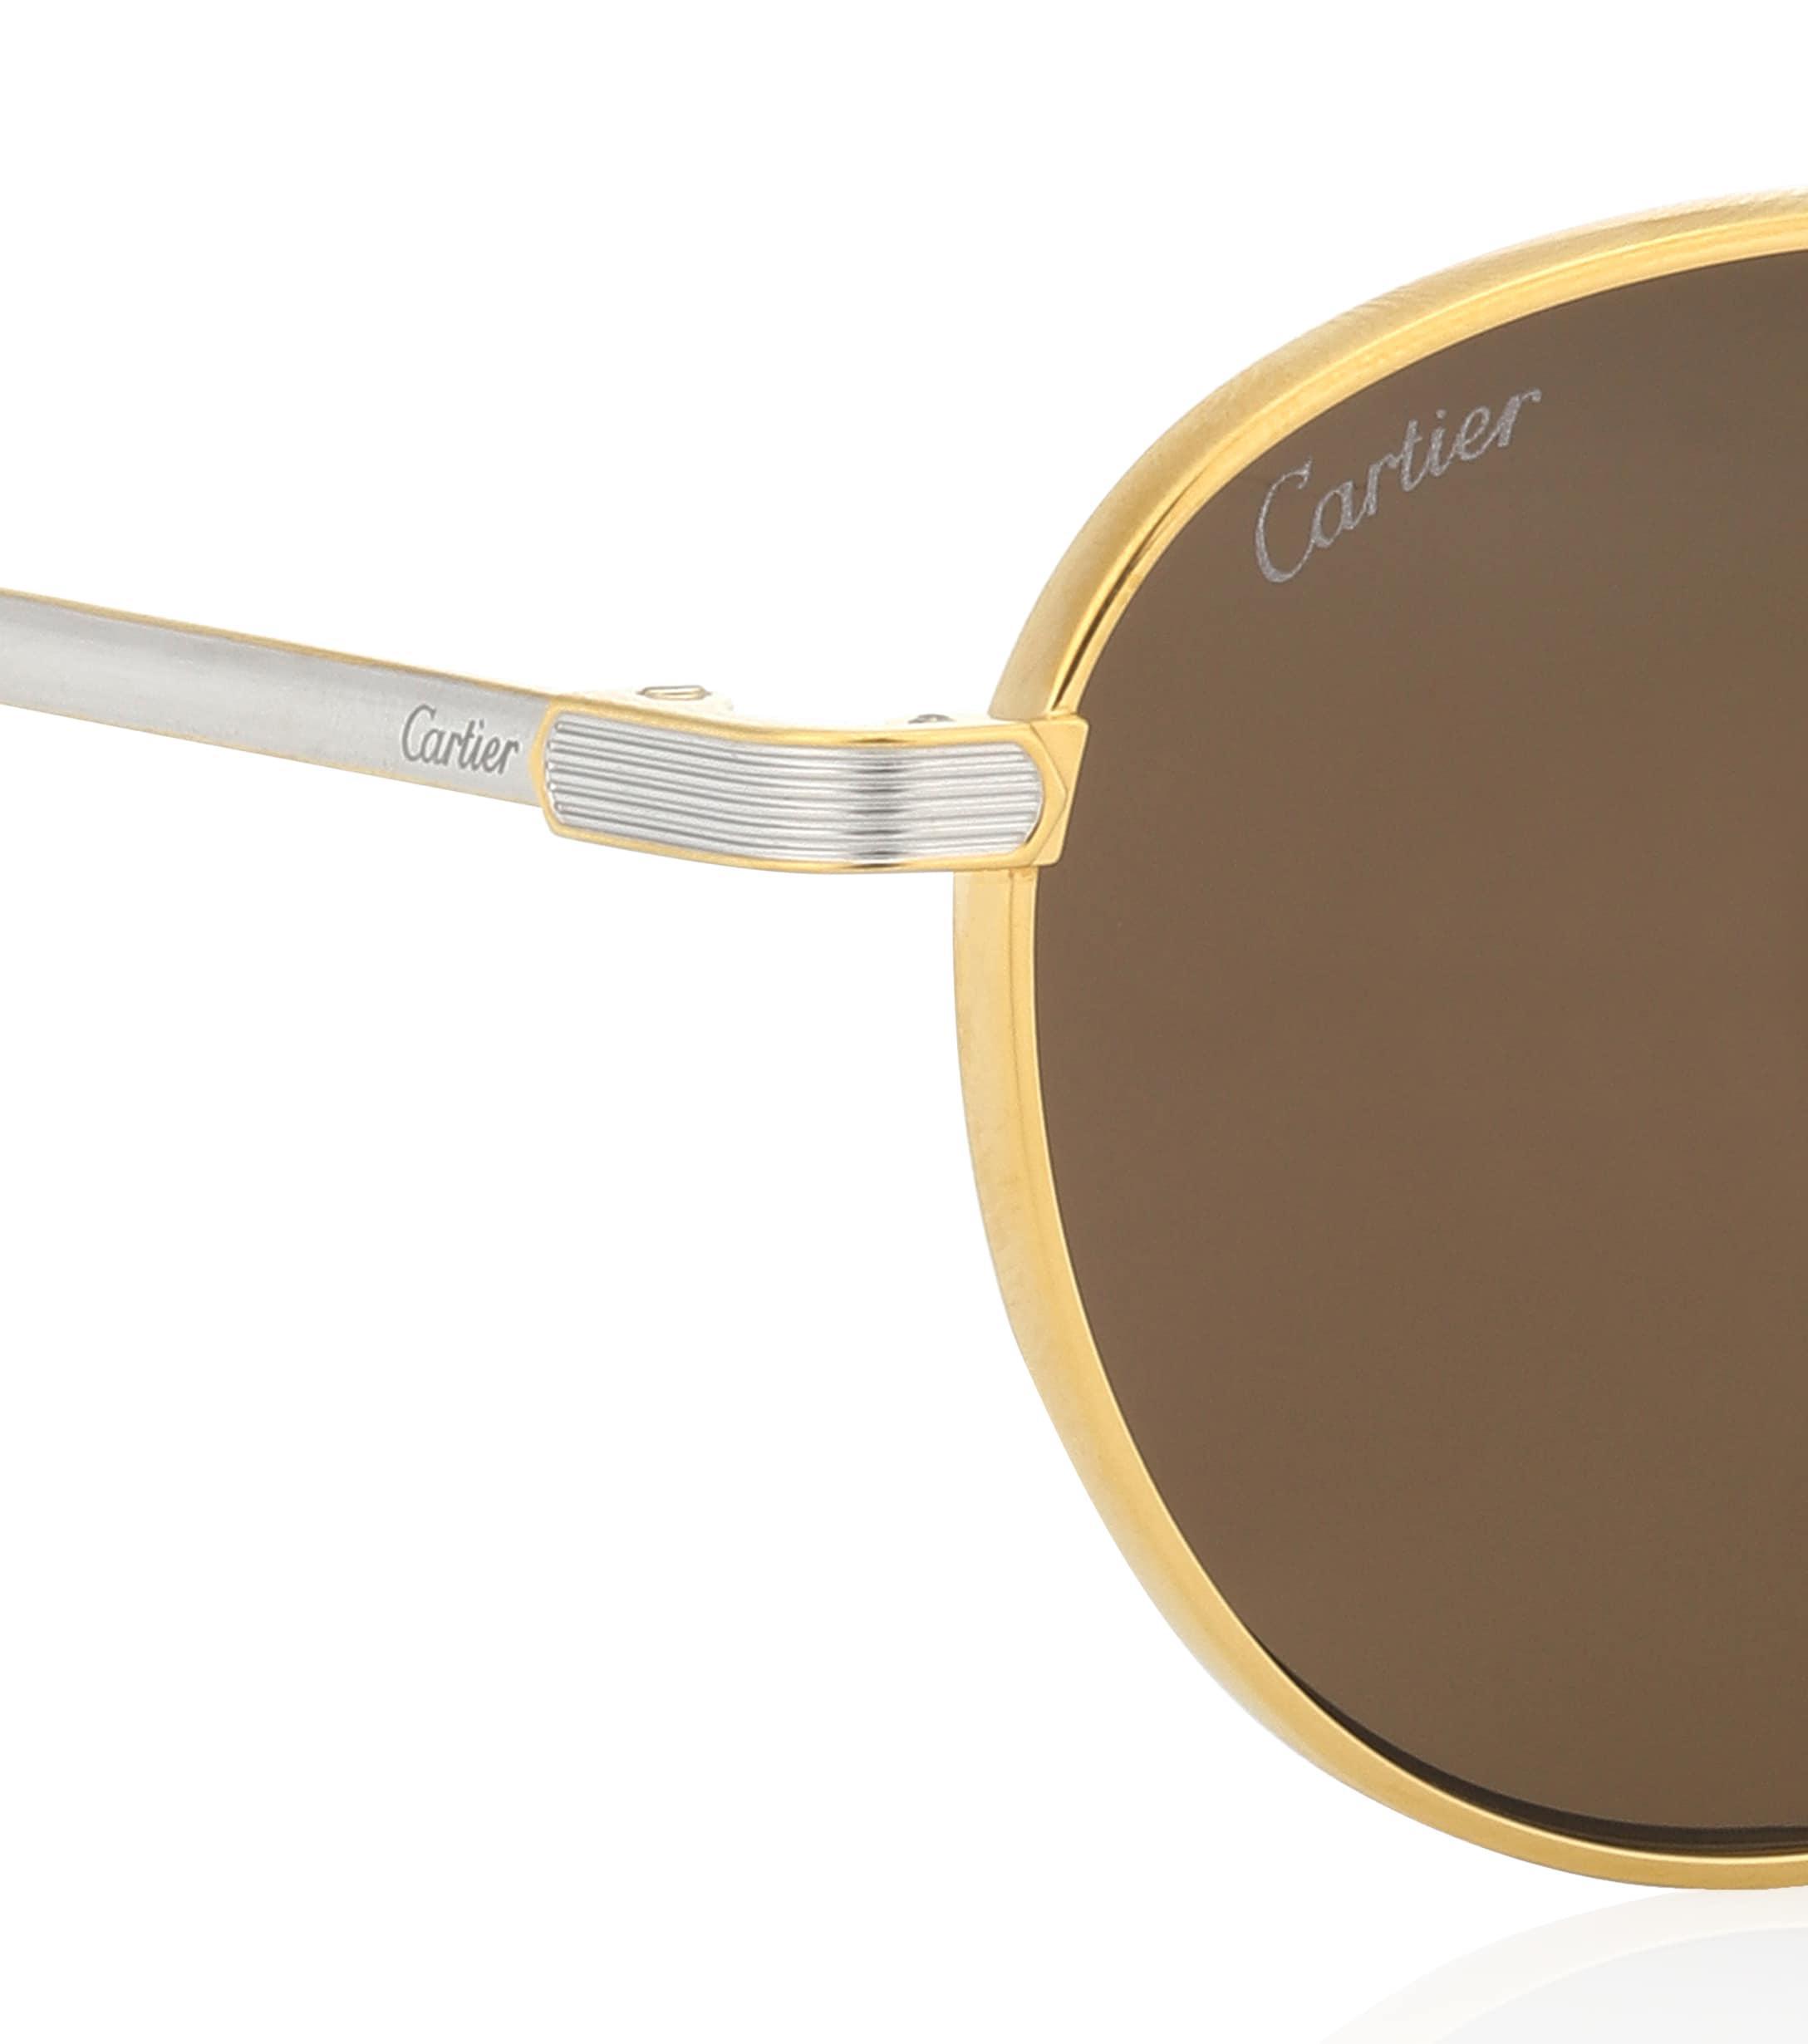 226d01d14a2 Cartier - Metallic C De Cartier Round Sunglasses - Lyst. View fullscreen